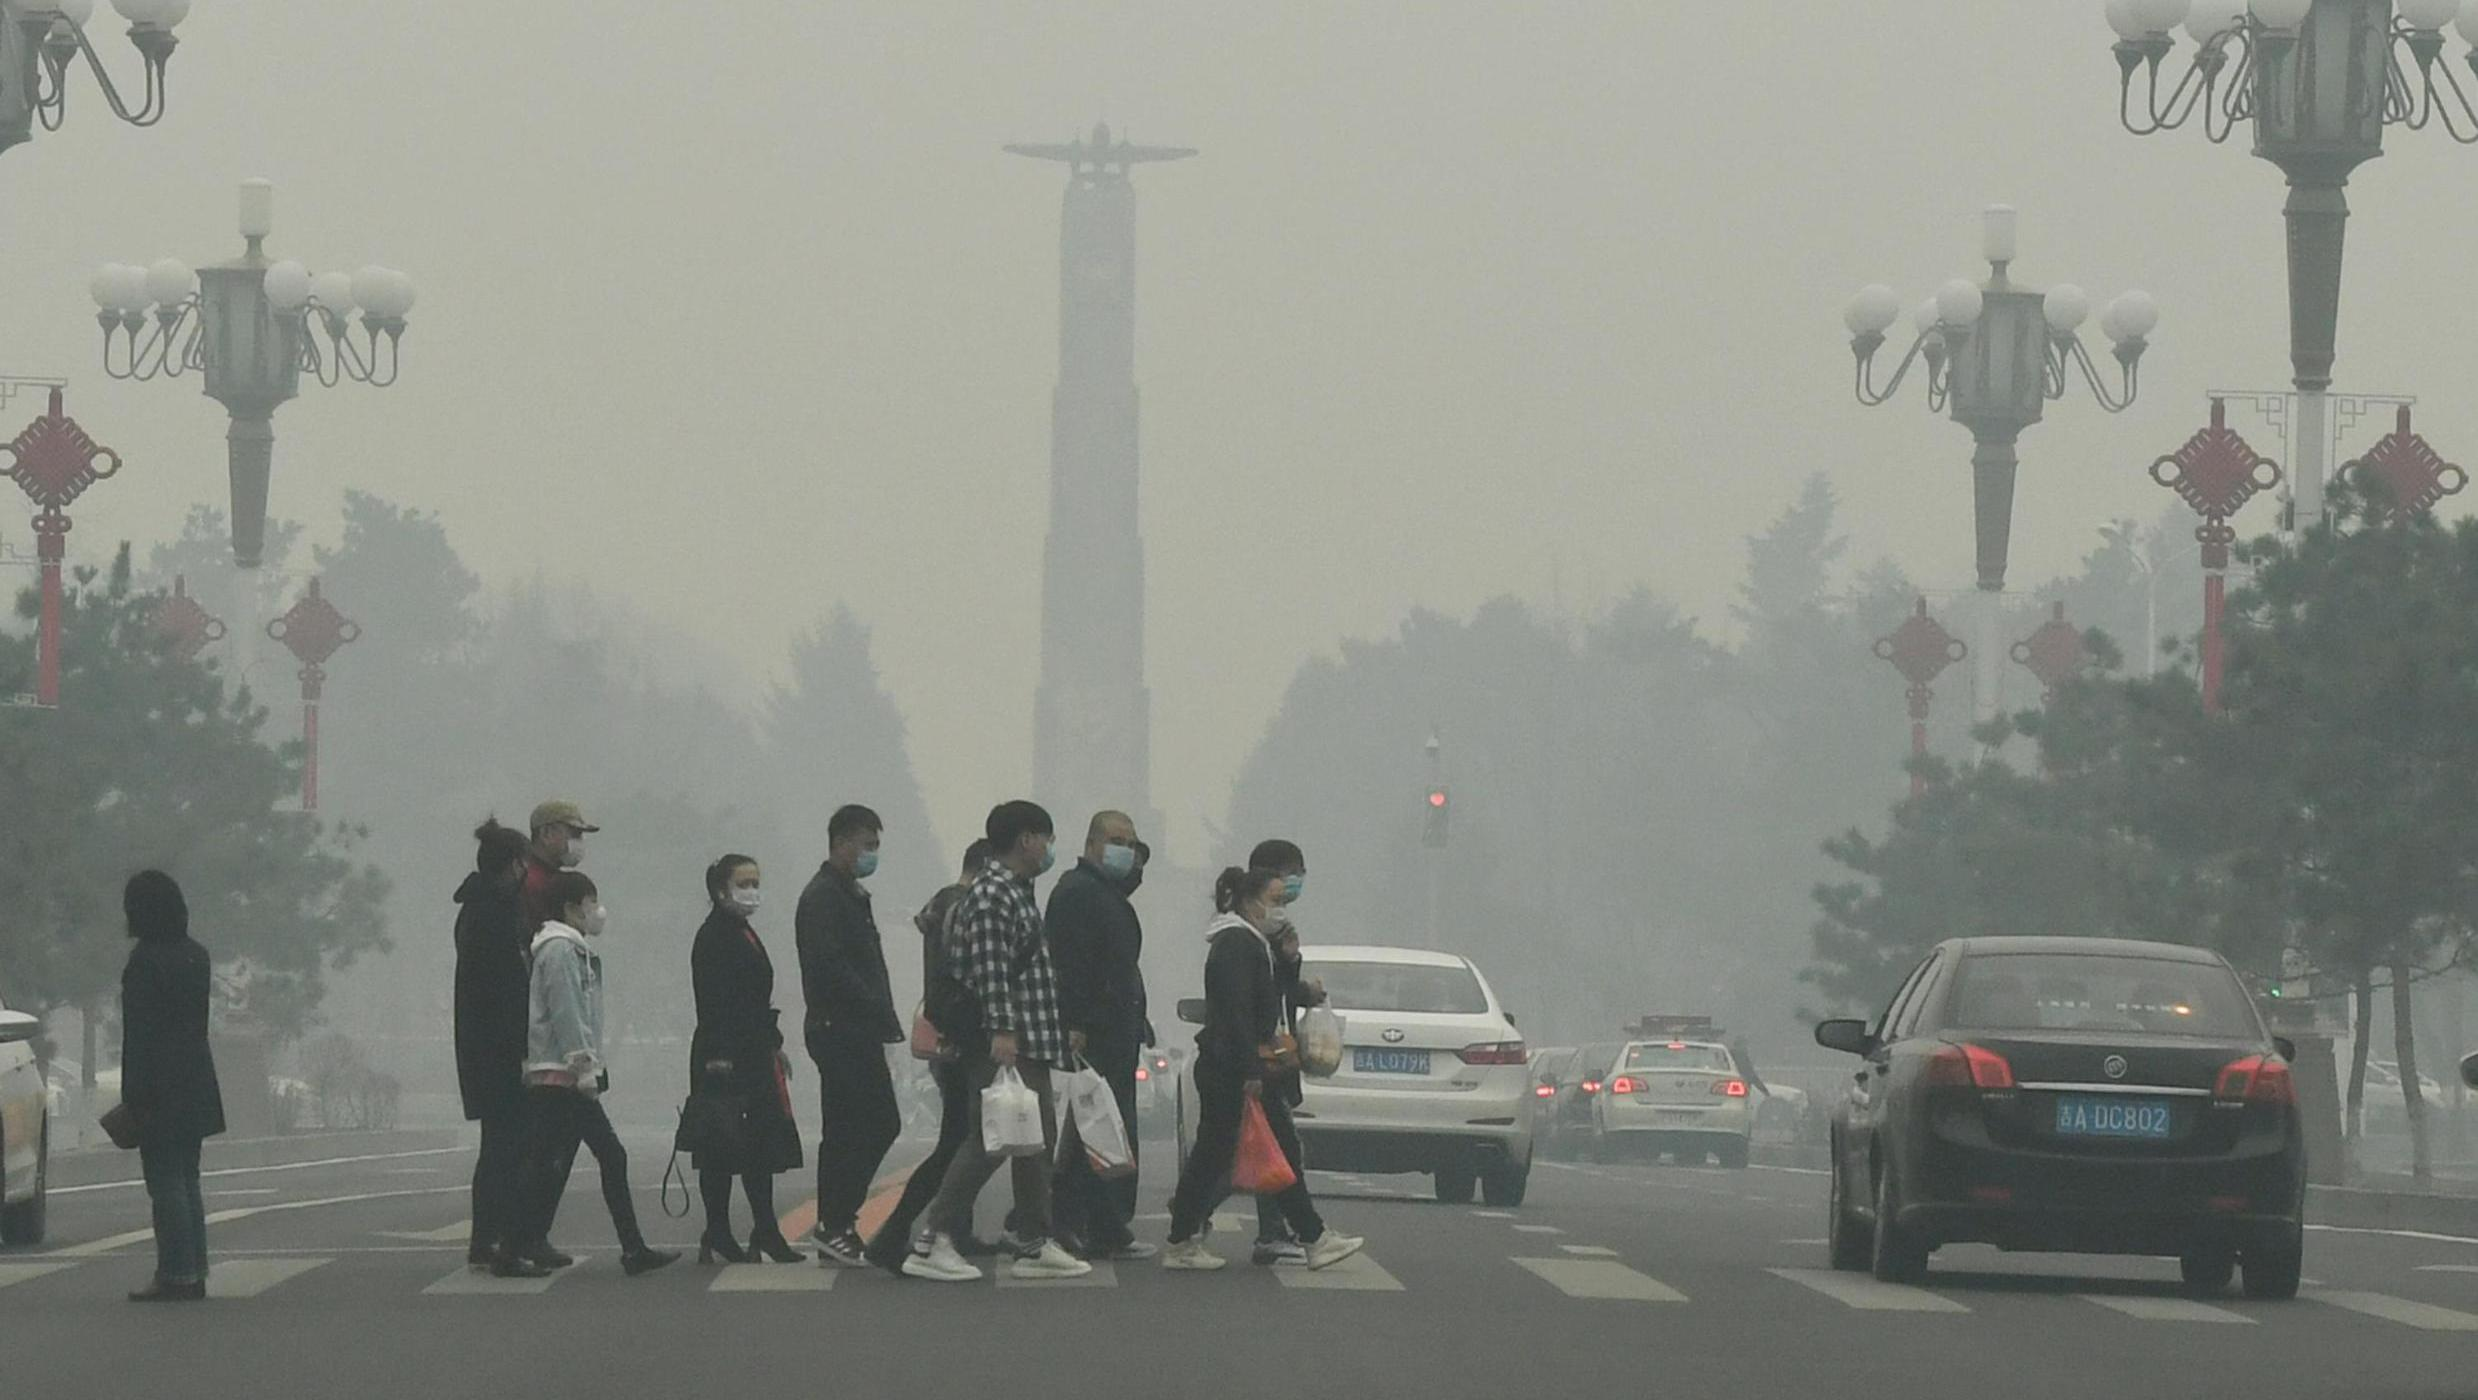 Загрязненный воздух увеличивает риск смерти от COVID-19